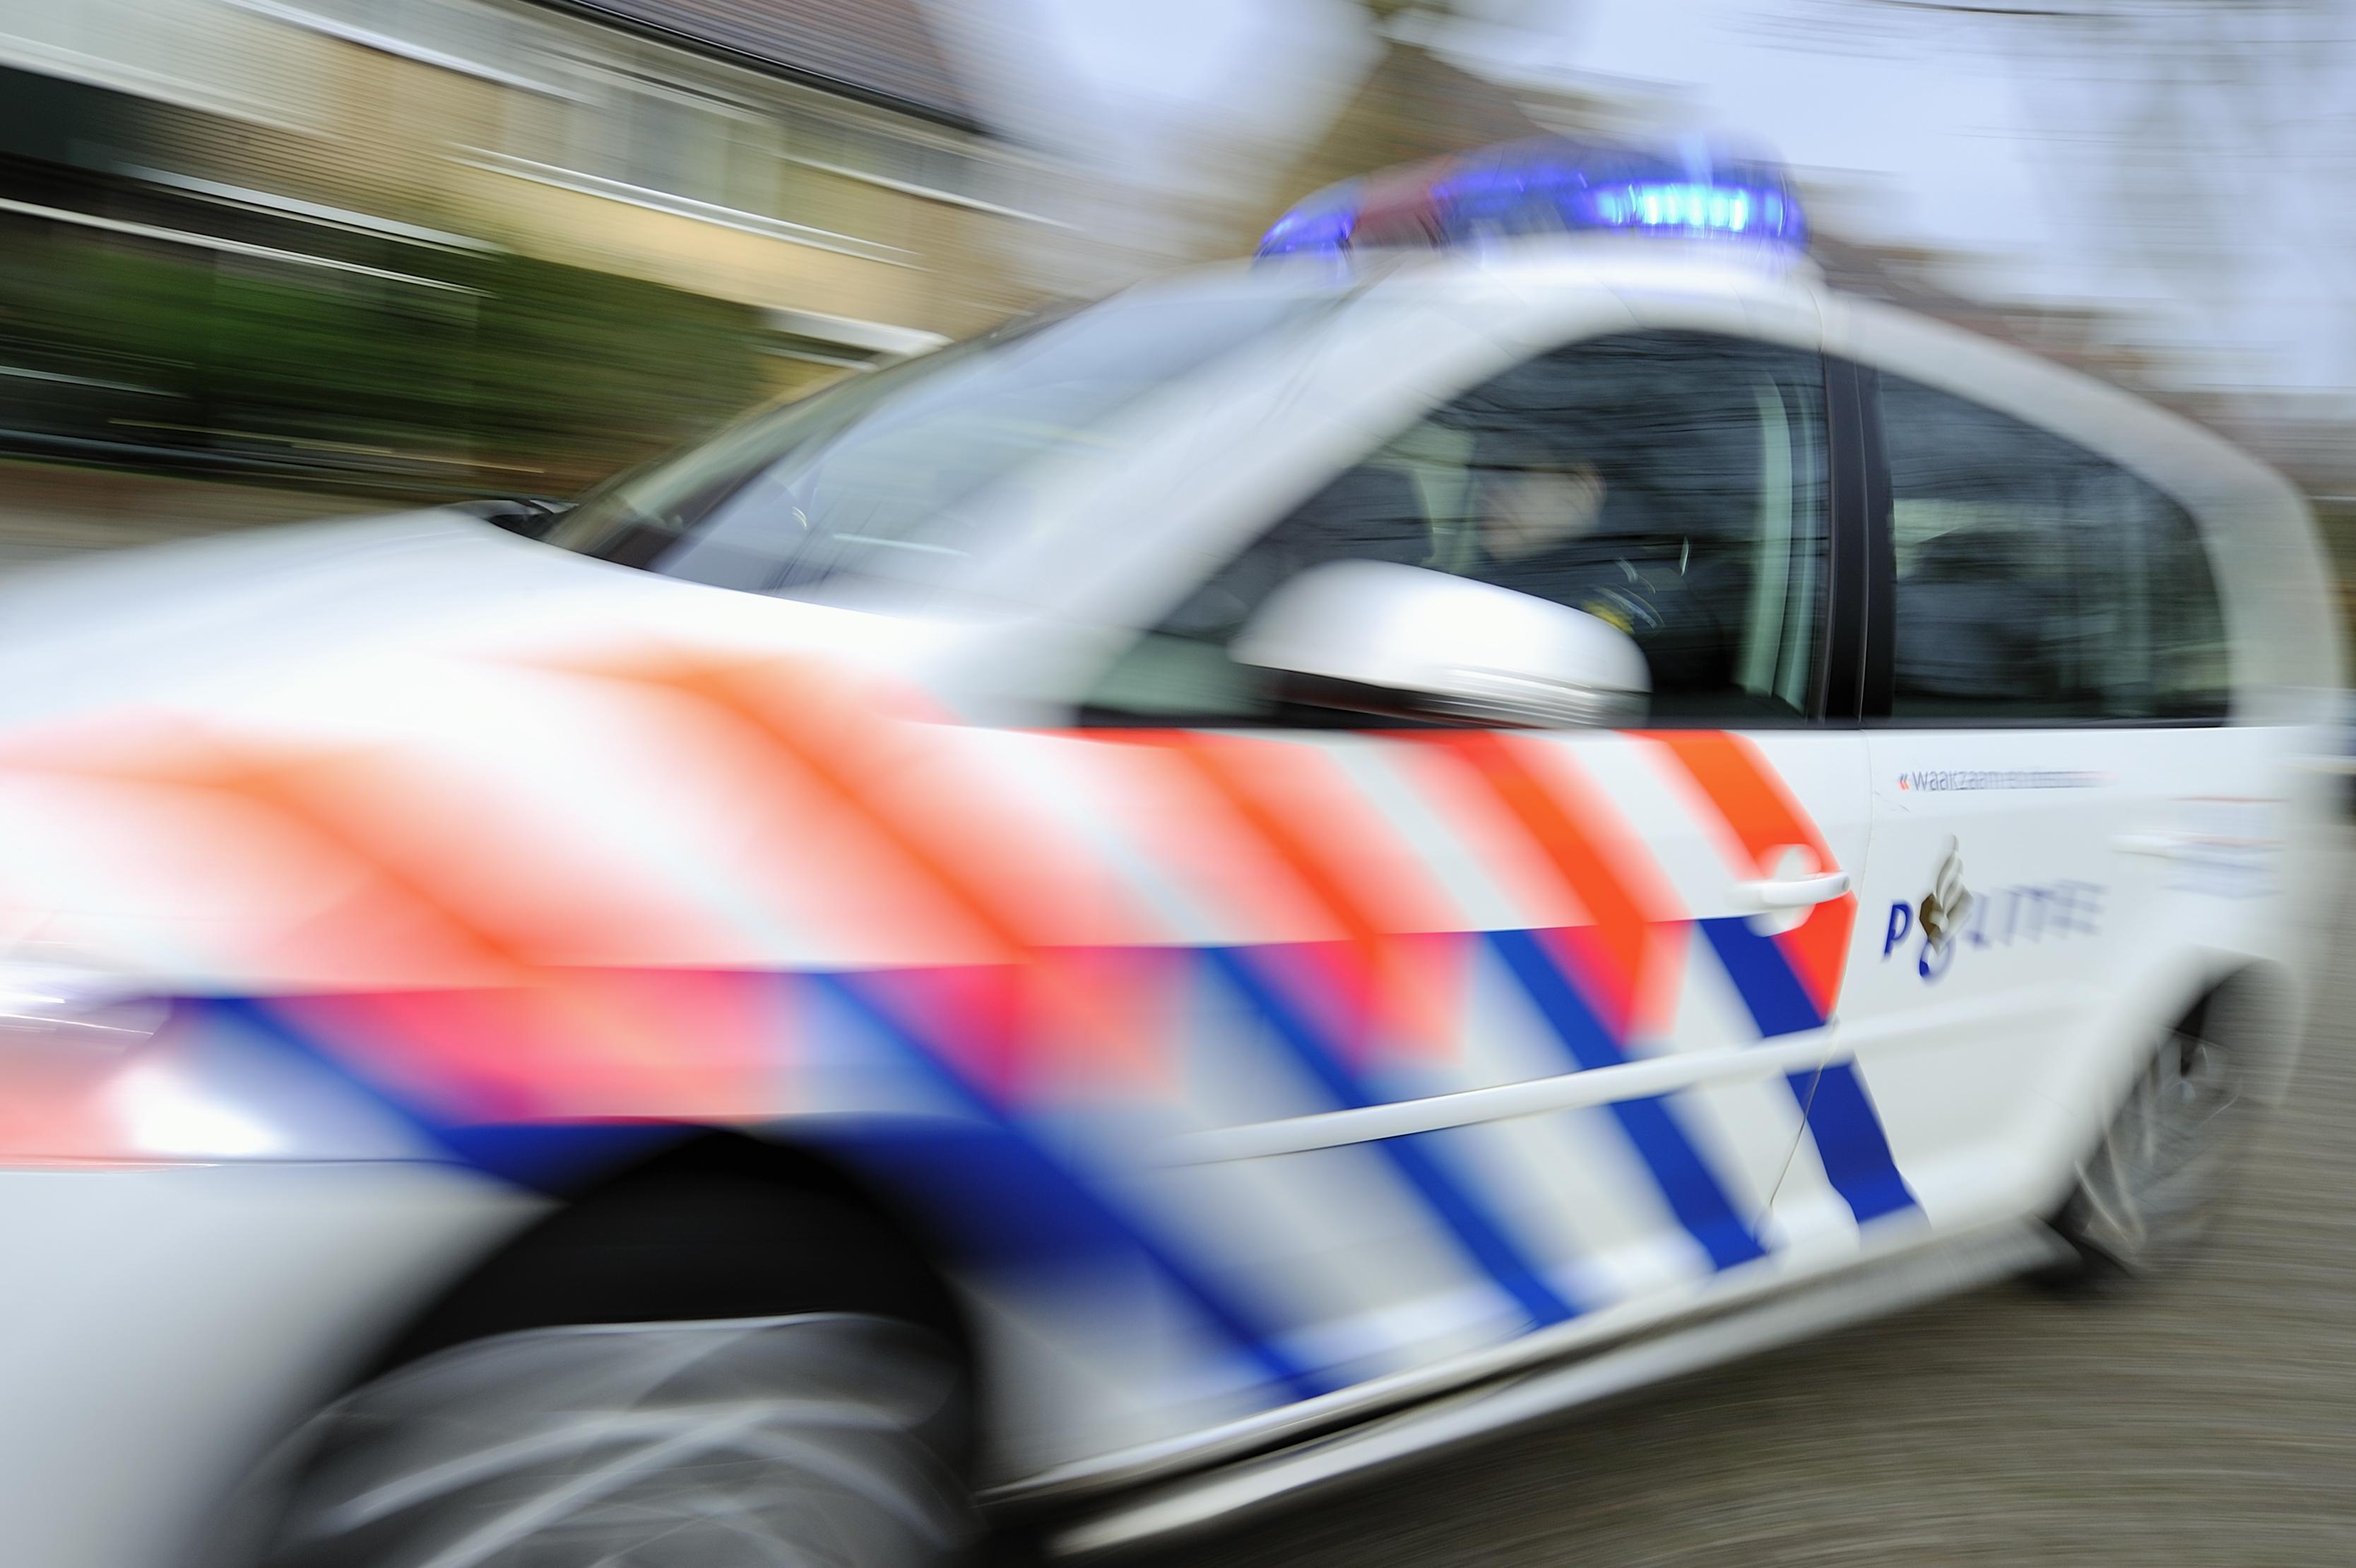 61-jarige man beroofd bij pinautomaat in Alphen aan den Rijn, 14-jarige verdachte aangehouden